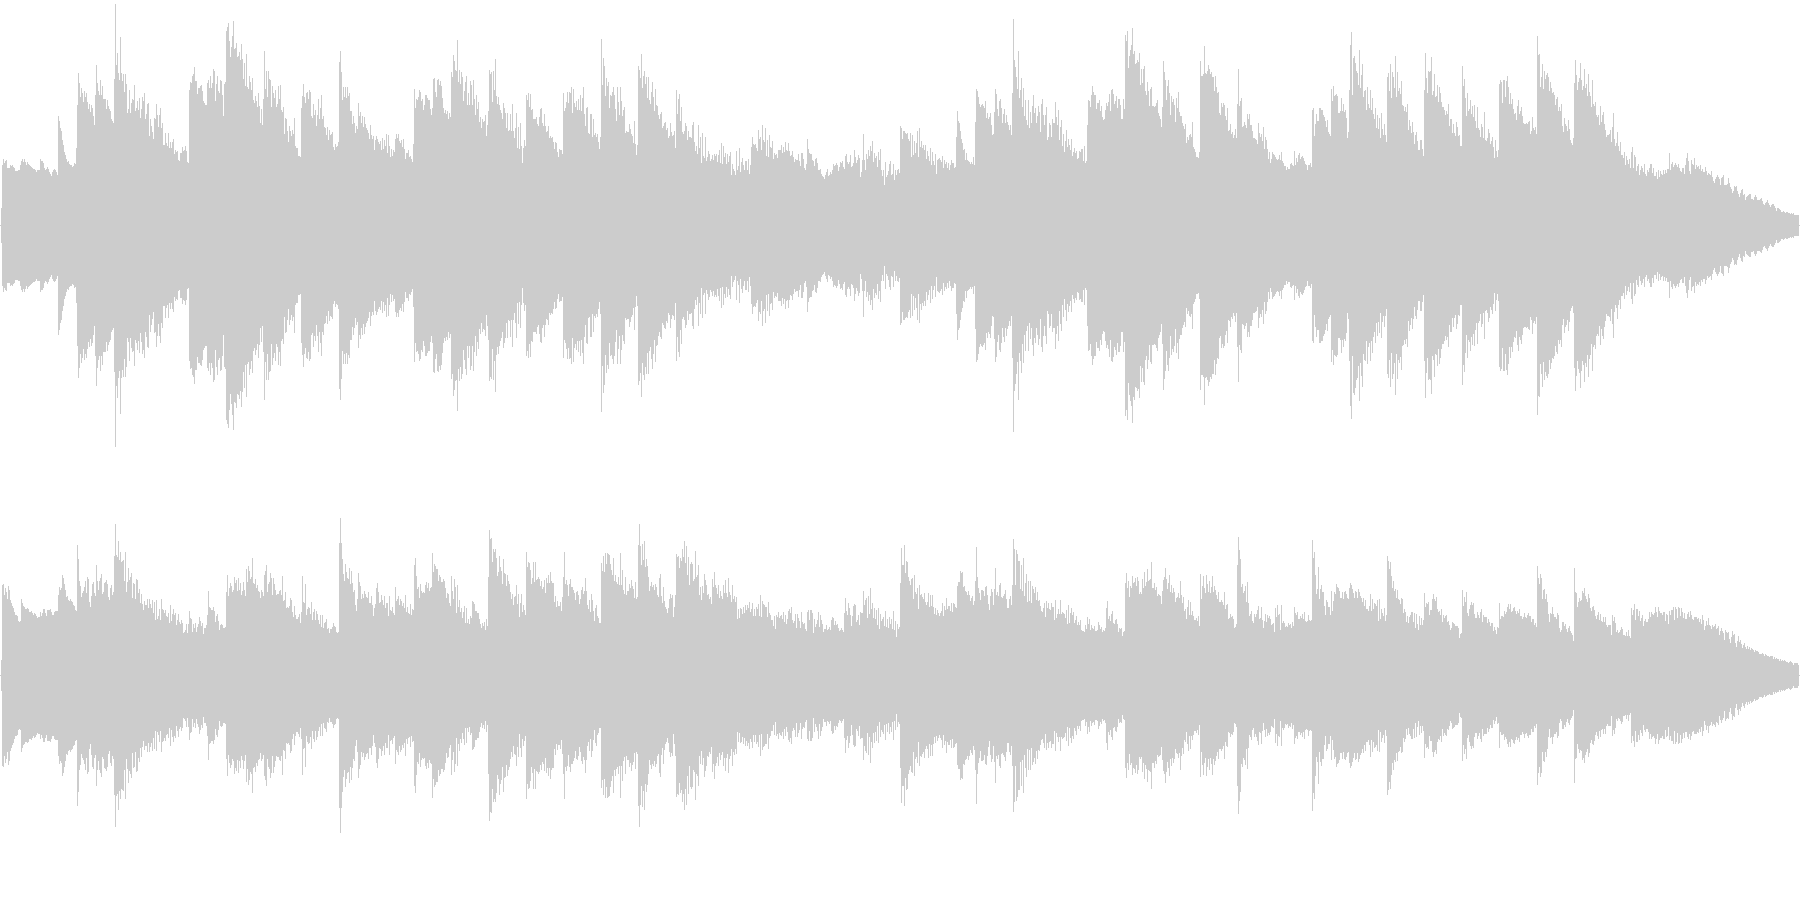 オルゴールの曲で、着信音やオルゴールの…の未再生の波形